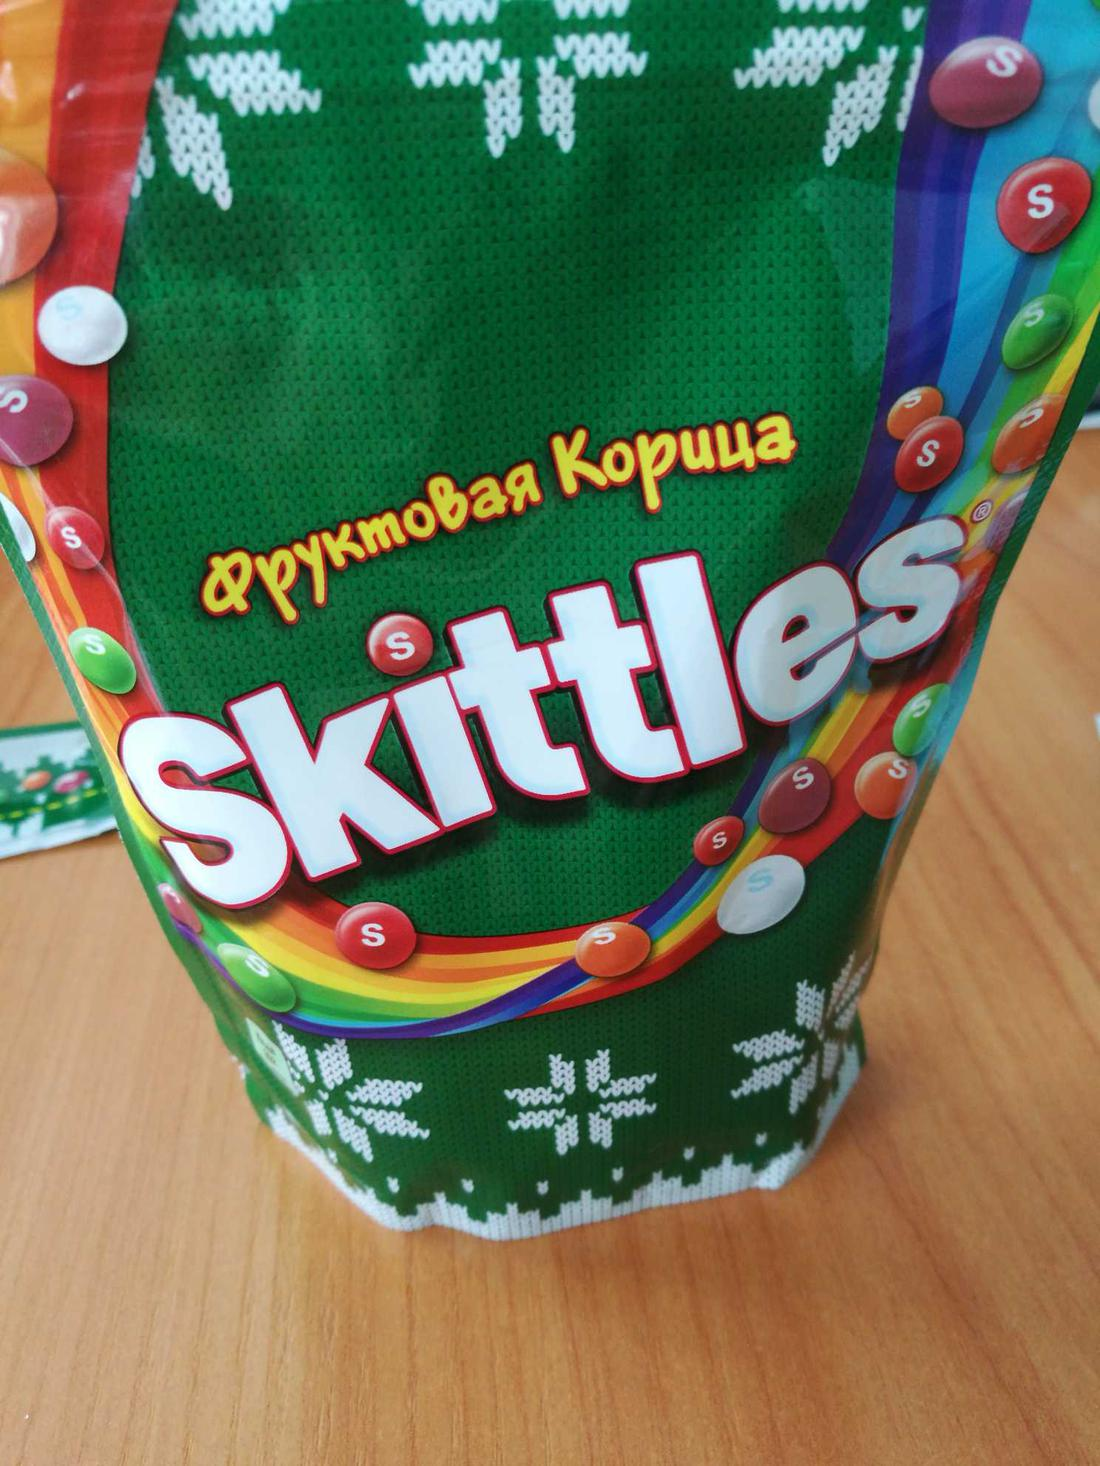 стоимость Драже Skittles Фруктовая корица в сахарной глазури с ароматами яблока-корицы вишни-корицы лимона-корицы апельсина-корицы и чёрной смородины-корицы, 100г